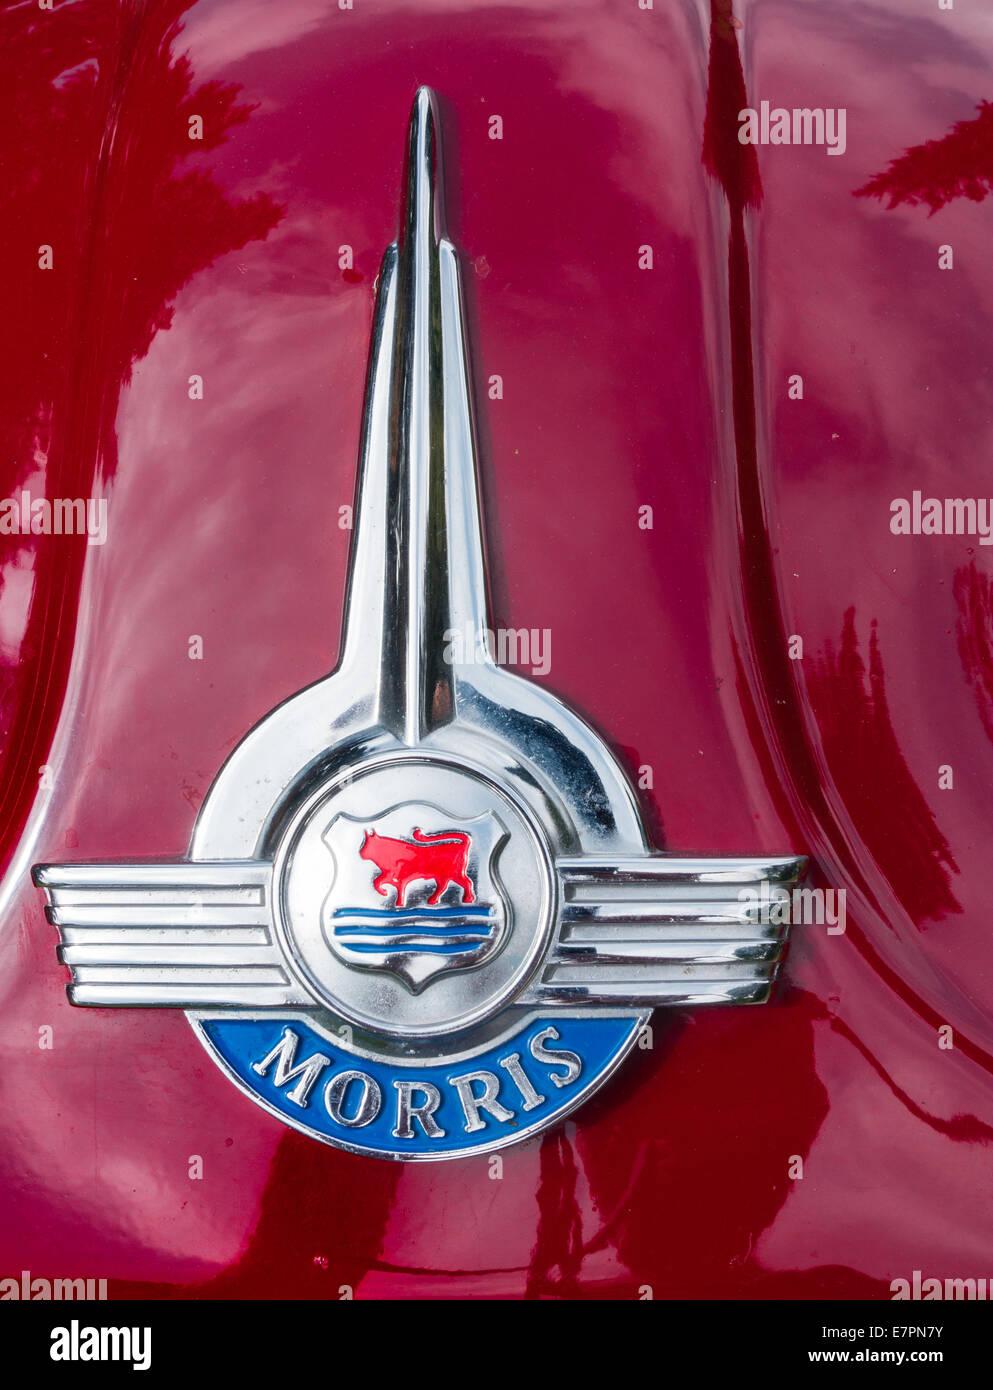 Vintage Classic Morris Bonnet Badge Automobilia Vehicle Parts & Accessories